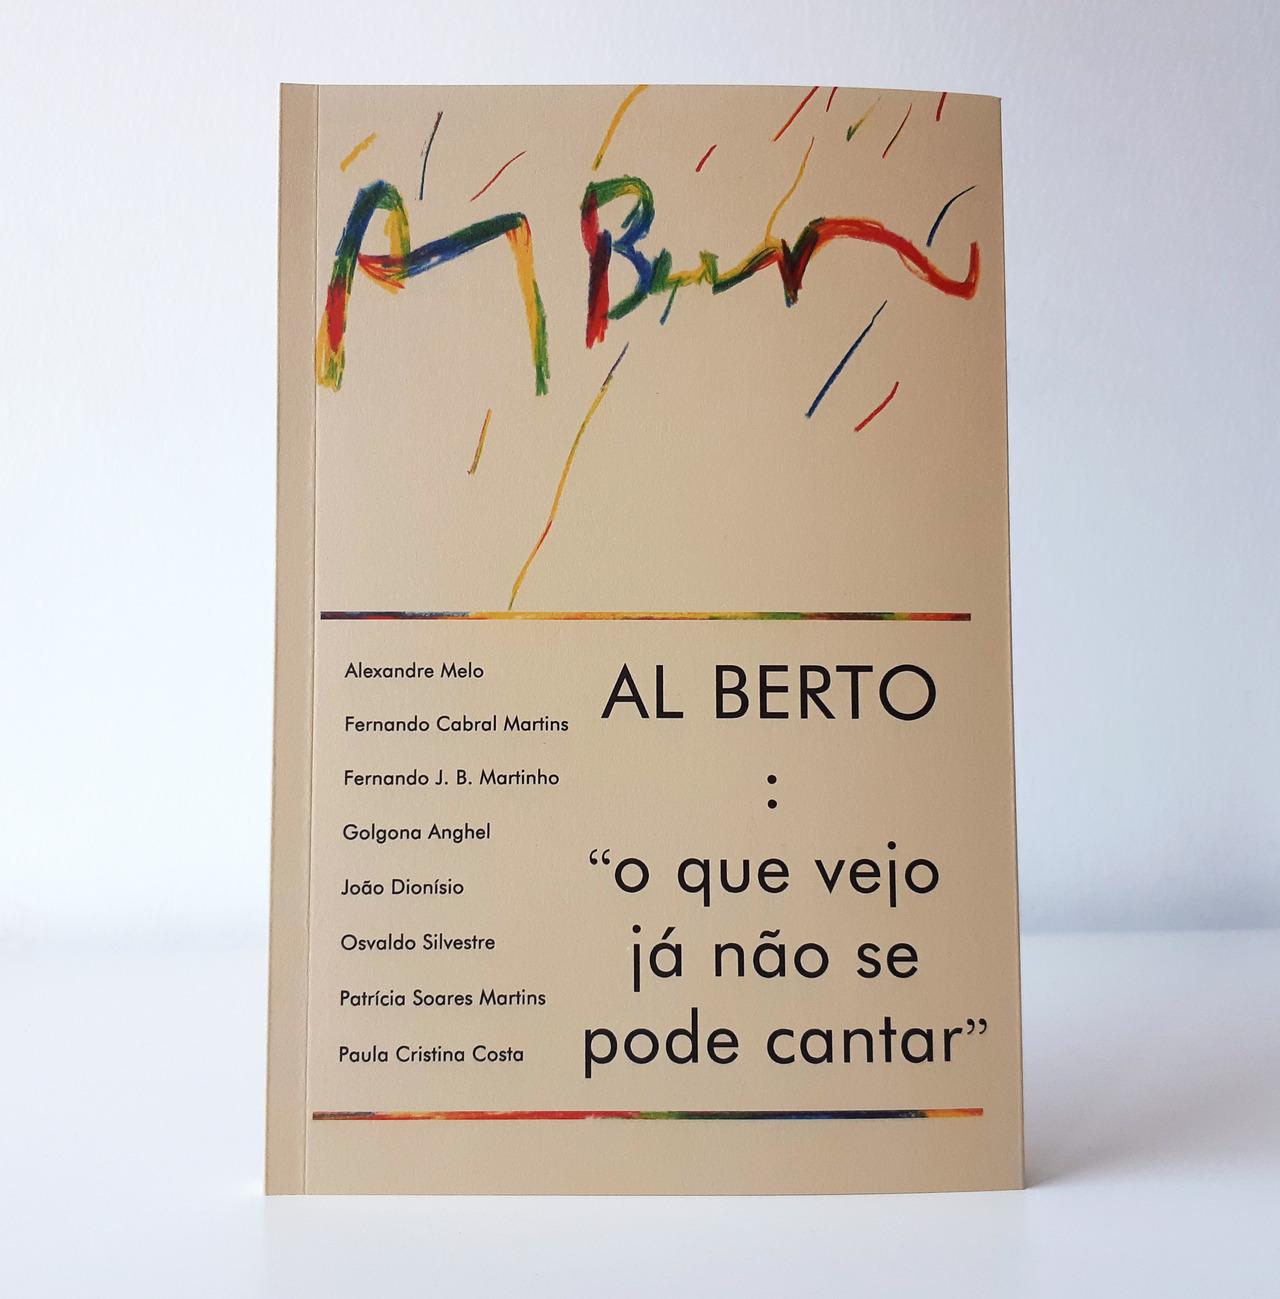 """Al Berto : """"o que vejo já não se pode cantar"""""""